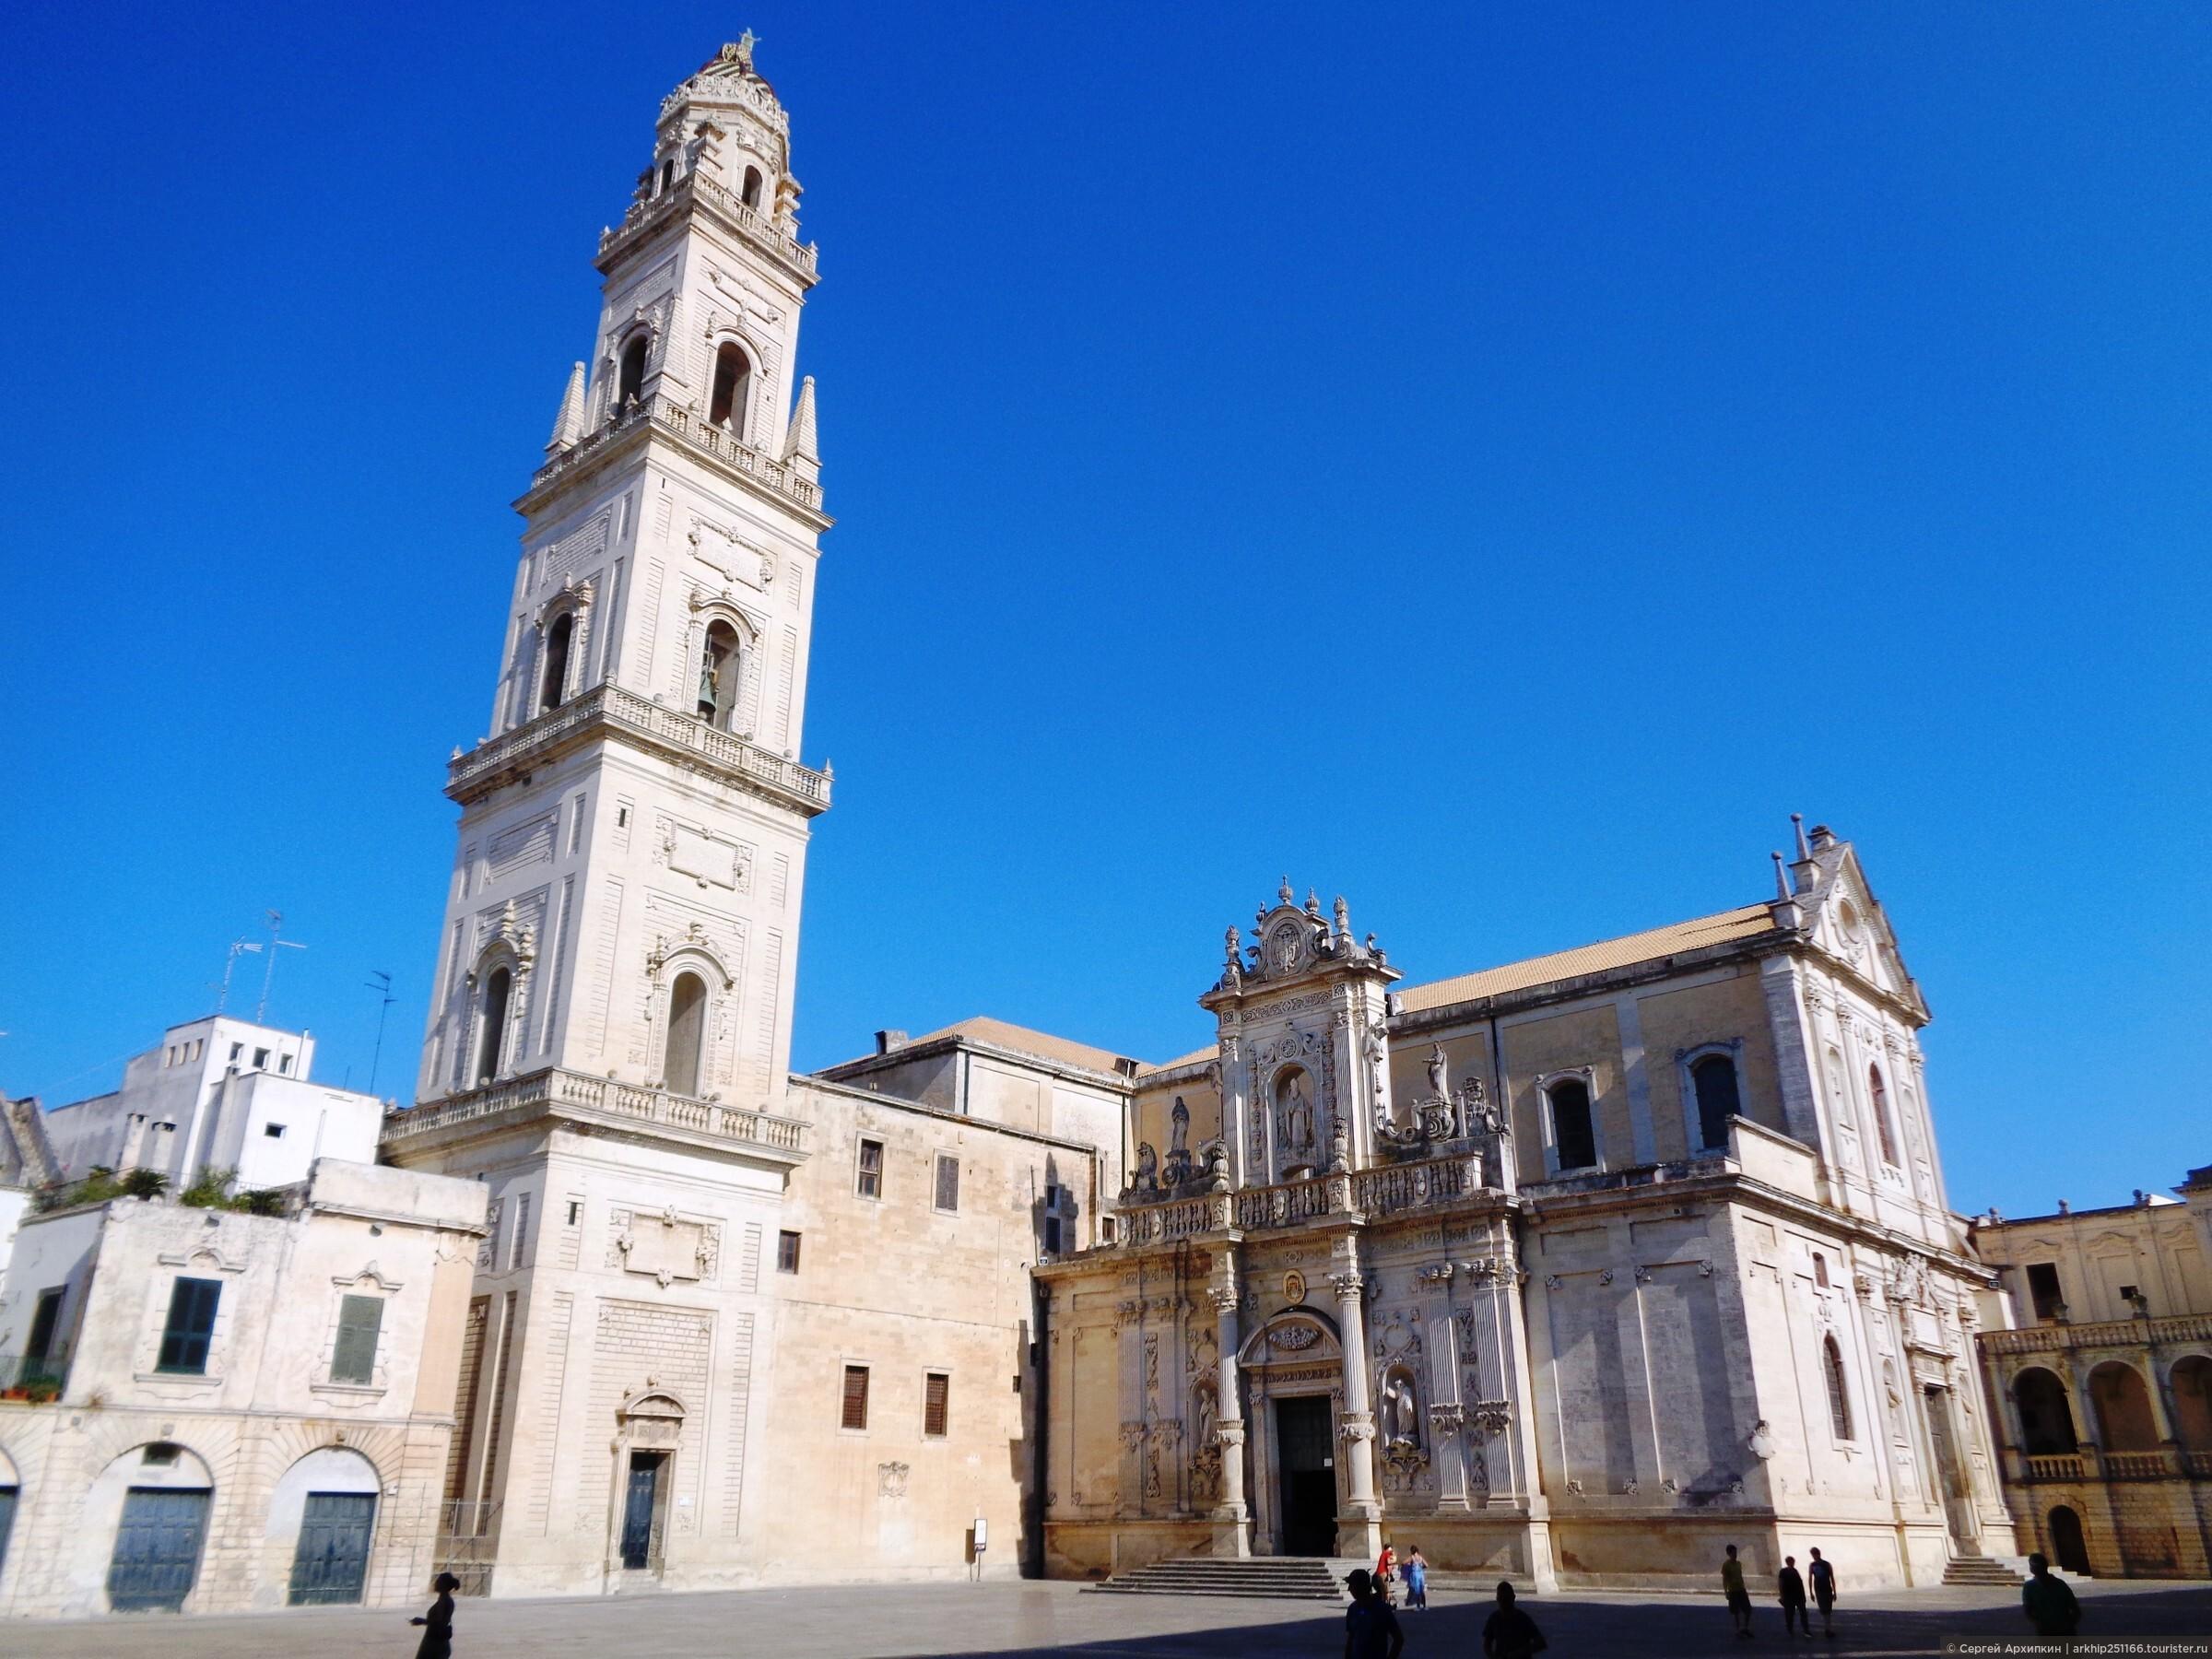 Самостоятельно в Лечче — в столицу Саленто и золотой город барокко